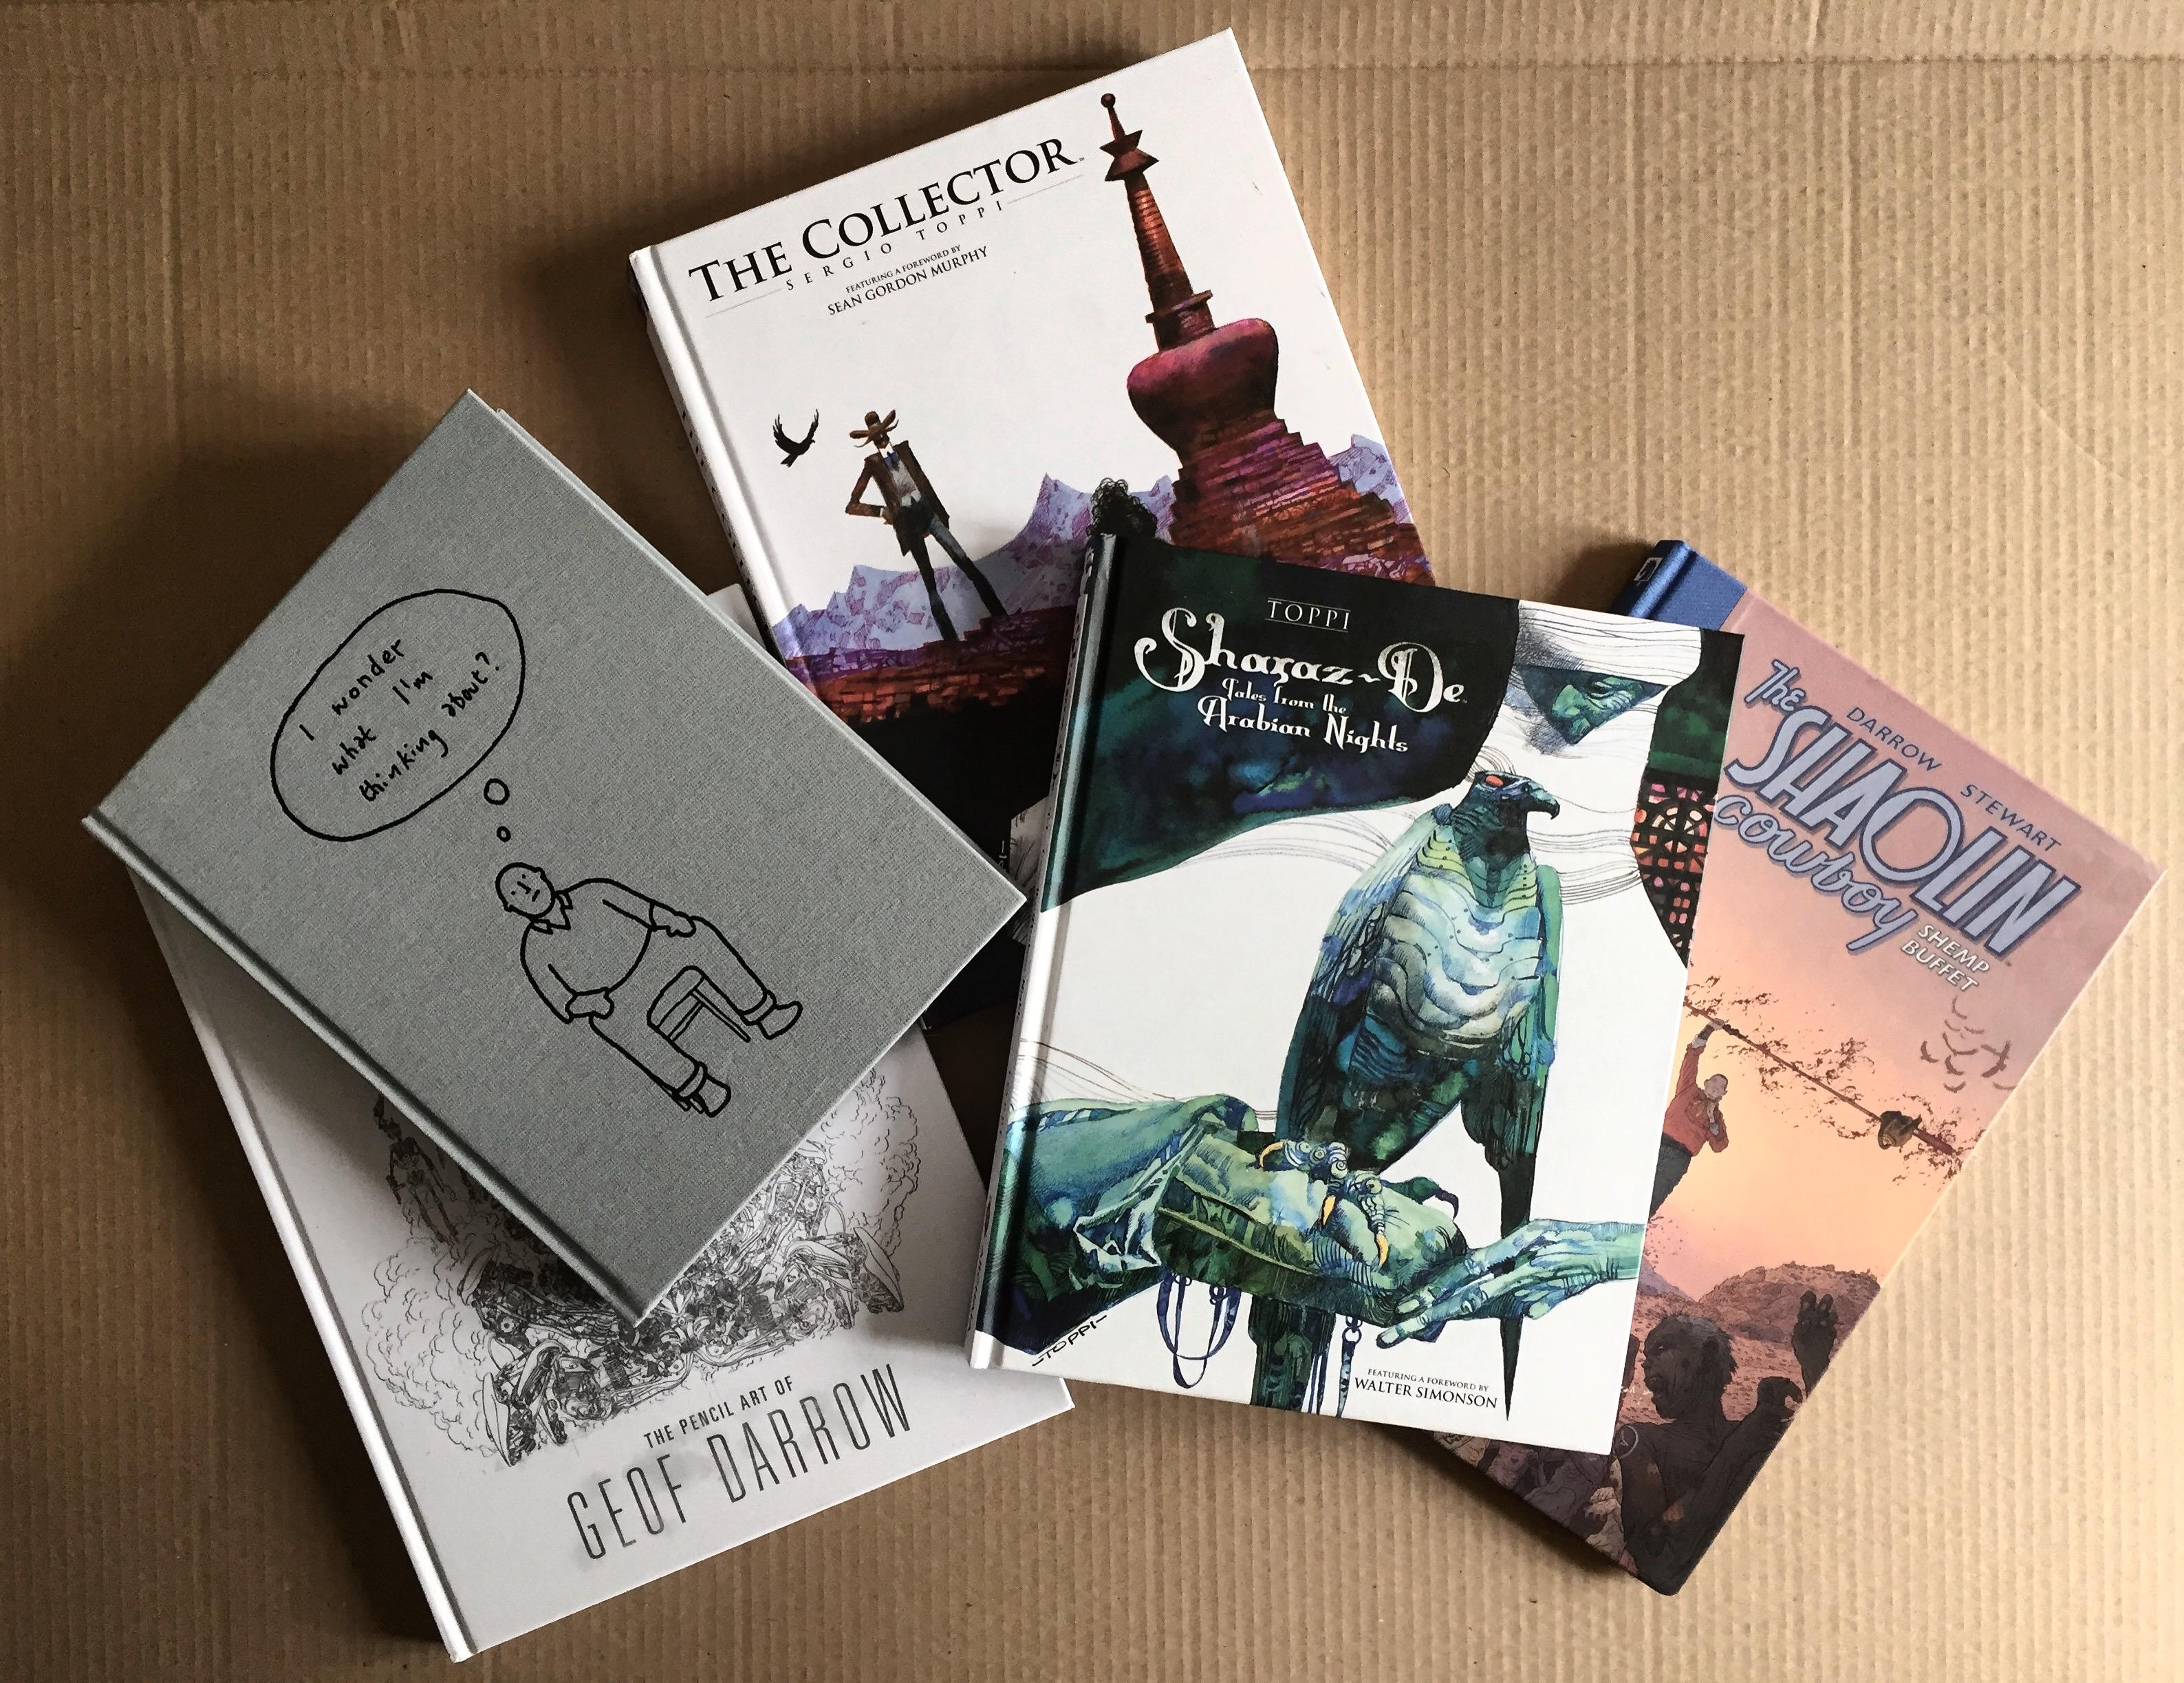 Recent book haul